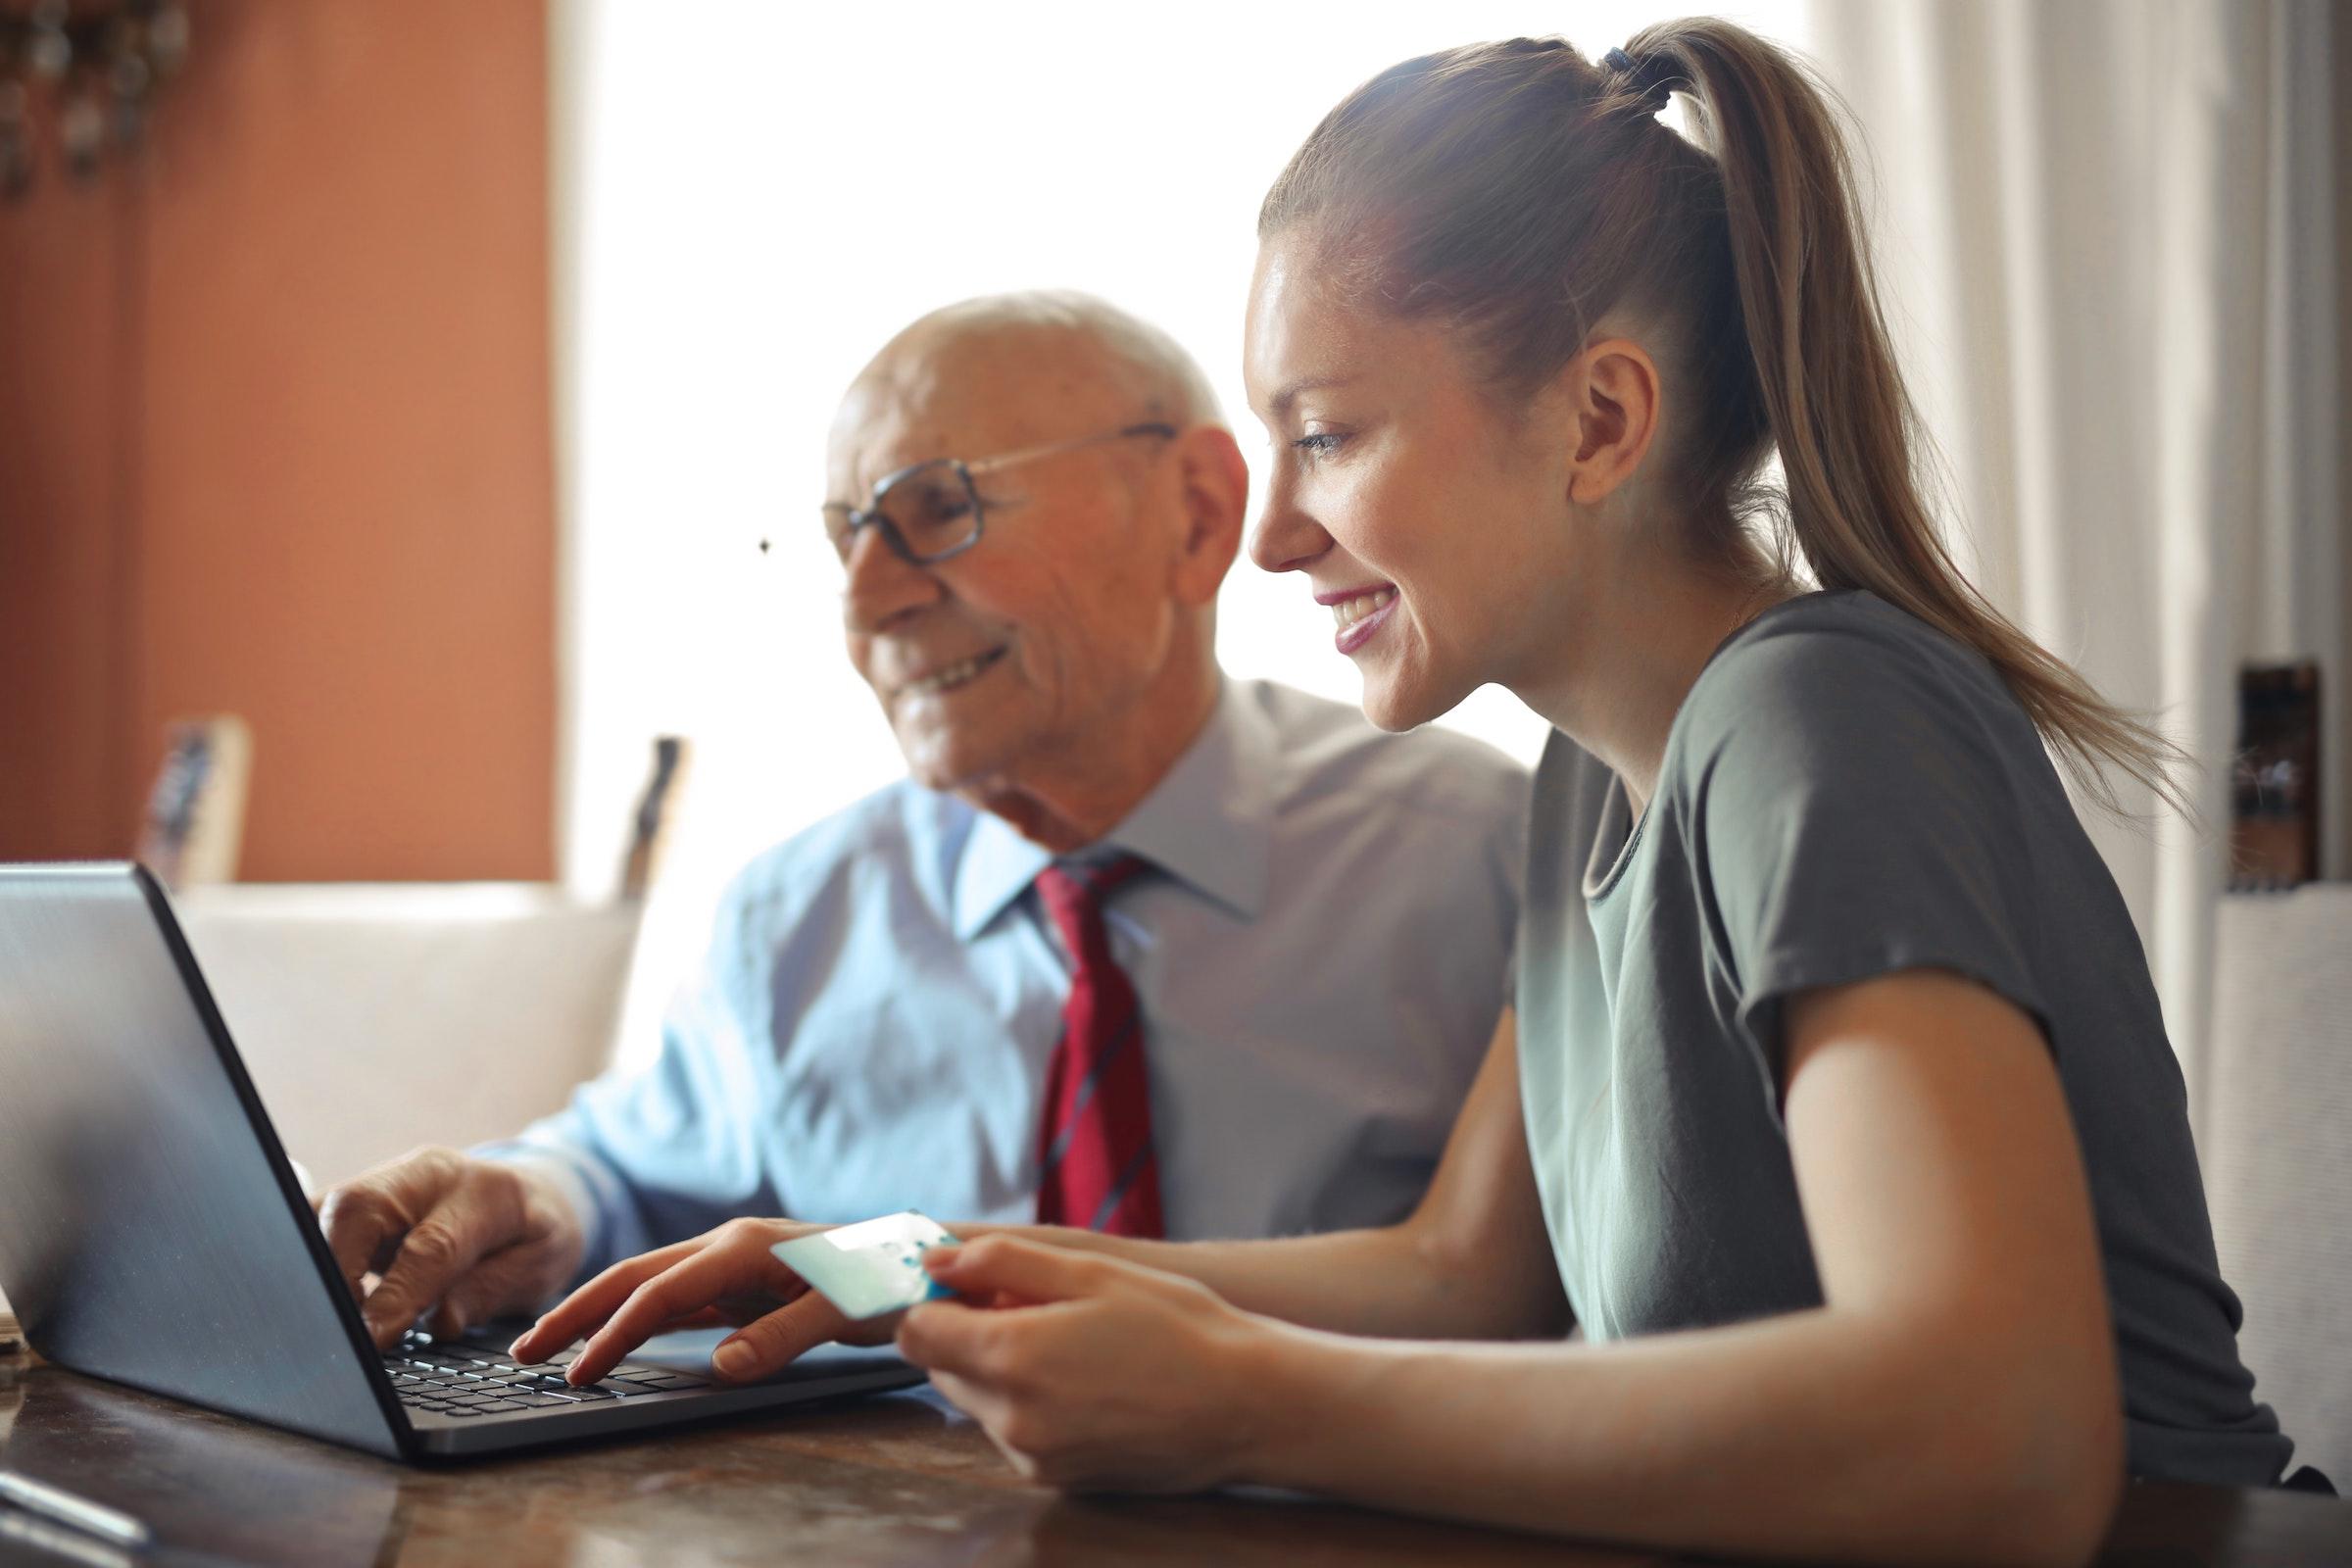 Jak szybciej rozwinąć sklep internetowy skupiając się na właściwych kompetencjach